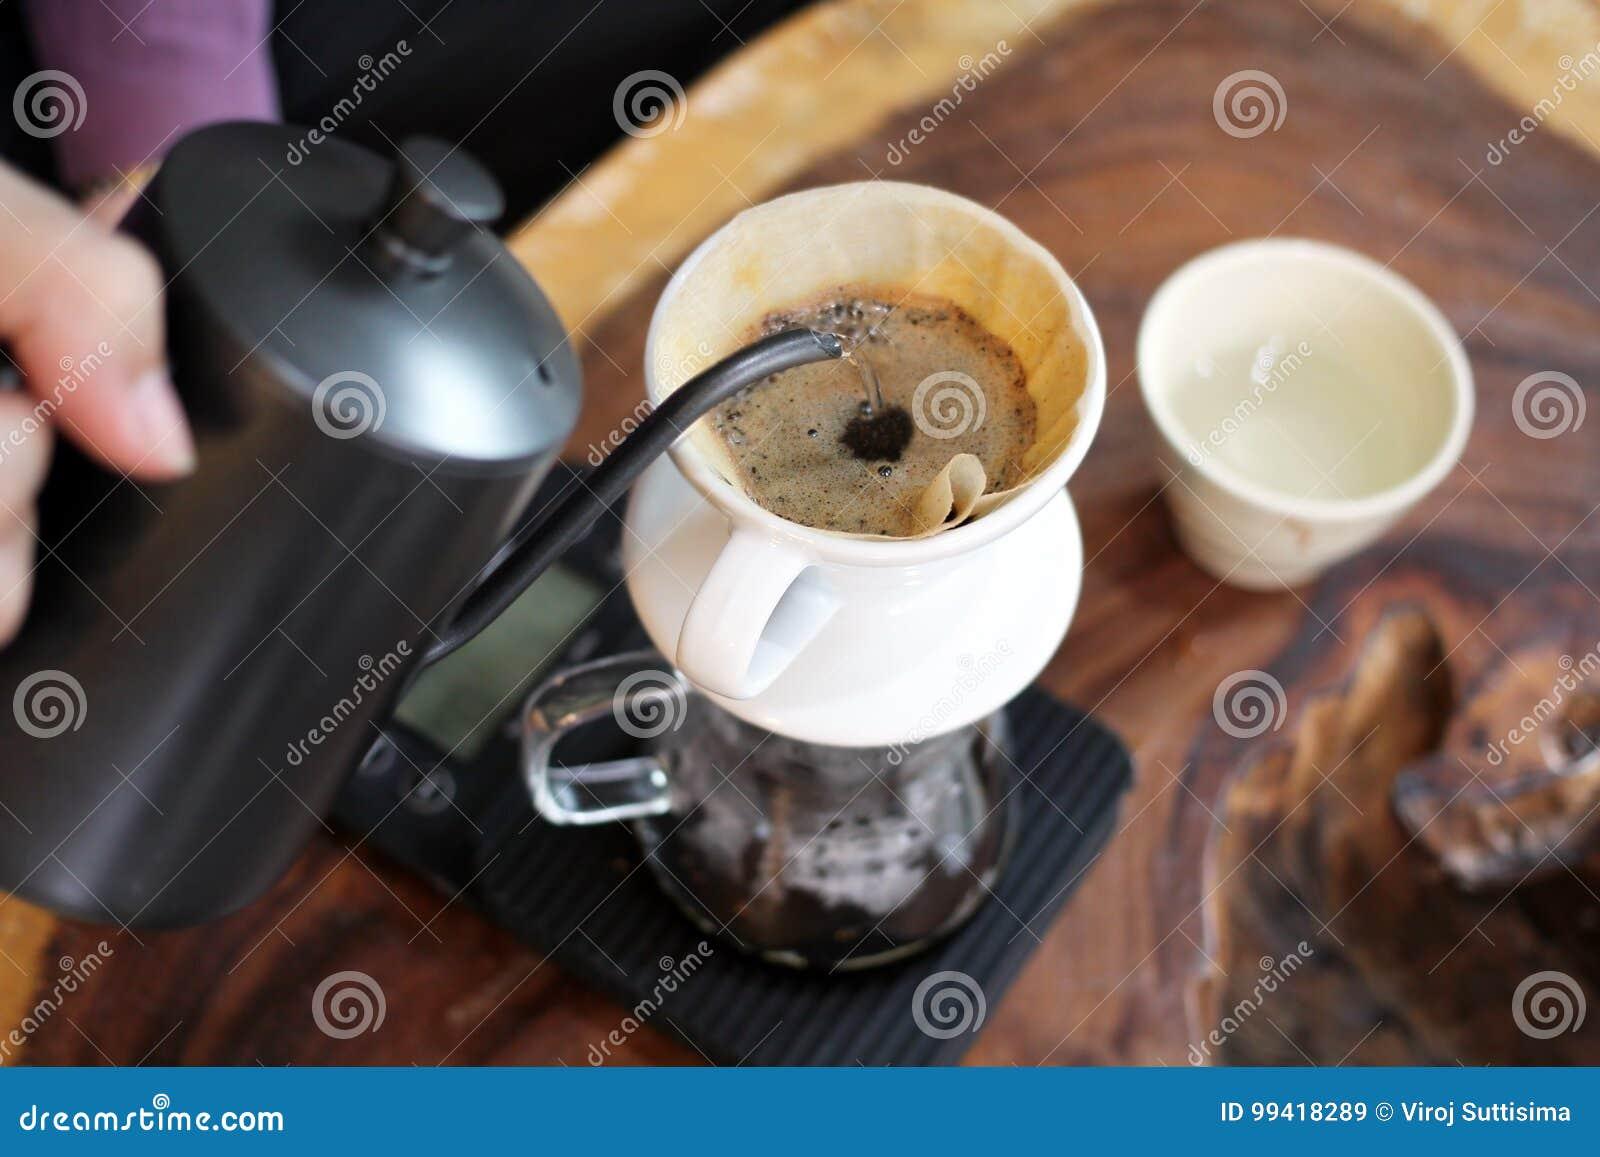 Χύνοντας ζεστό νερό Barista πέρα από τους λόγους καφέ που κάνουν τη σταλαγματιά να παρασκευάσει τον καφέ